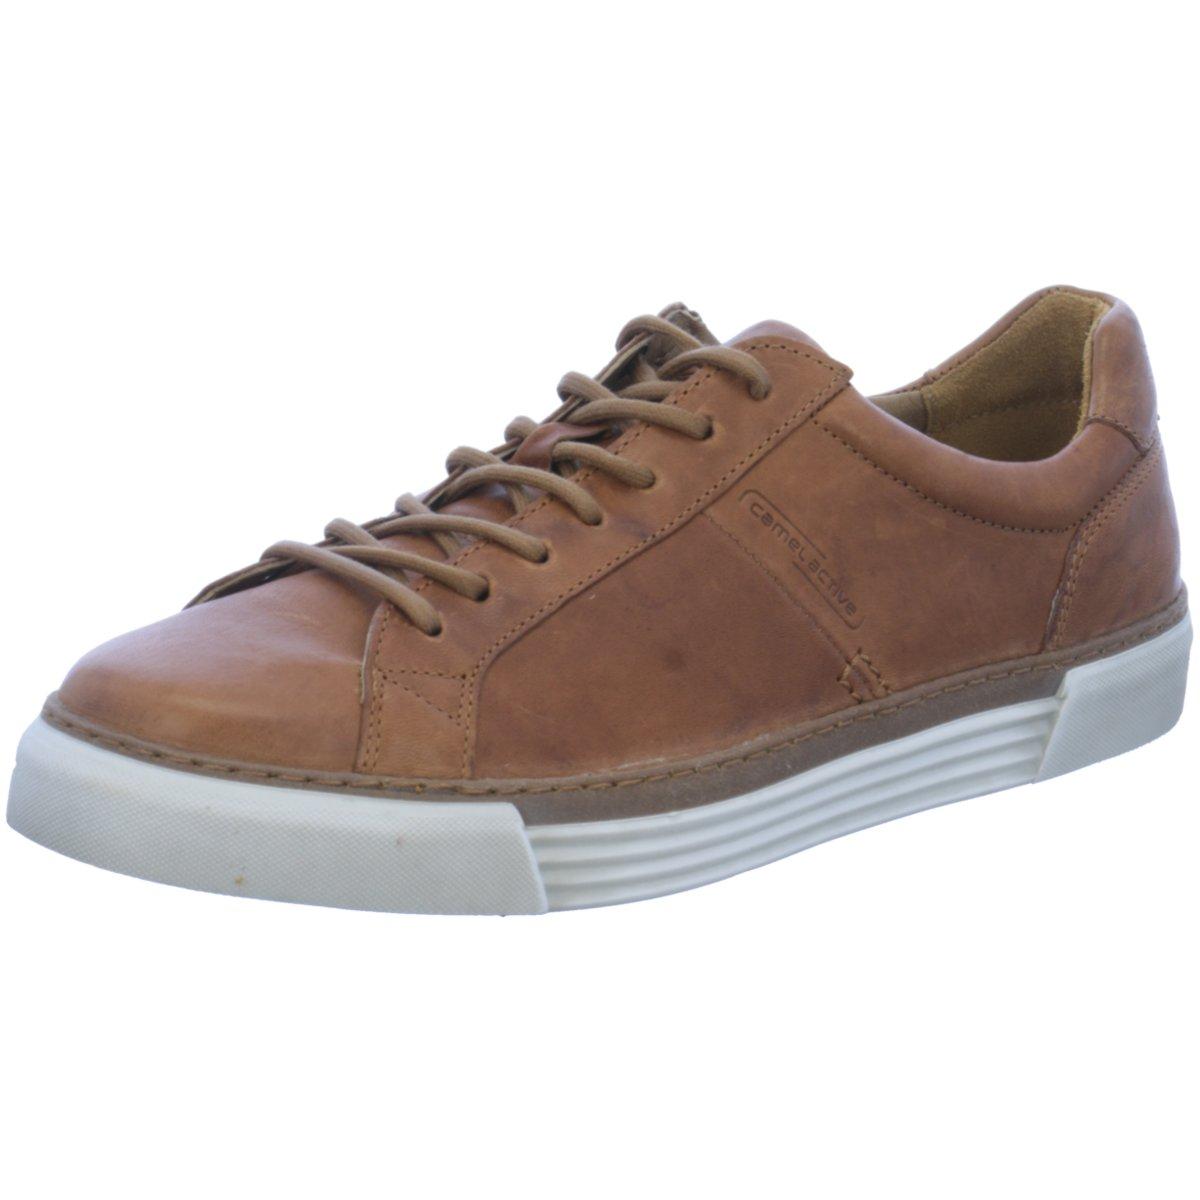 Details zu camel active Herren Sneaker Racket 17 460.17.01 racket braun 404286